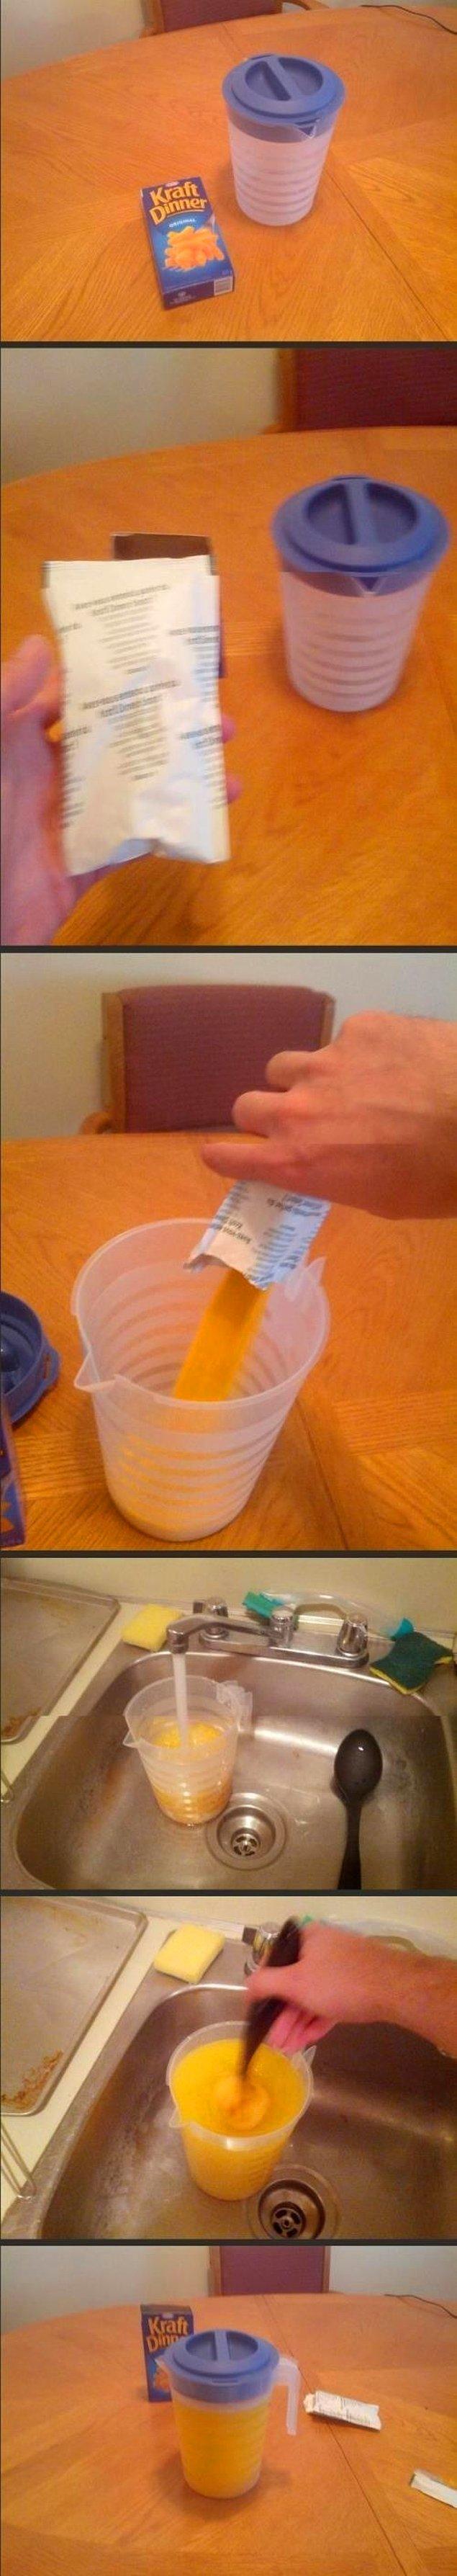 Налить в стакан не протеиновую смесь, а соус для спагетти.